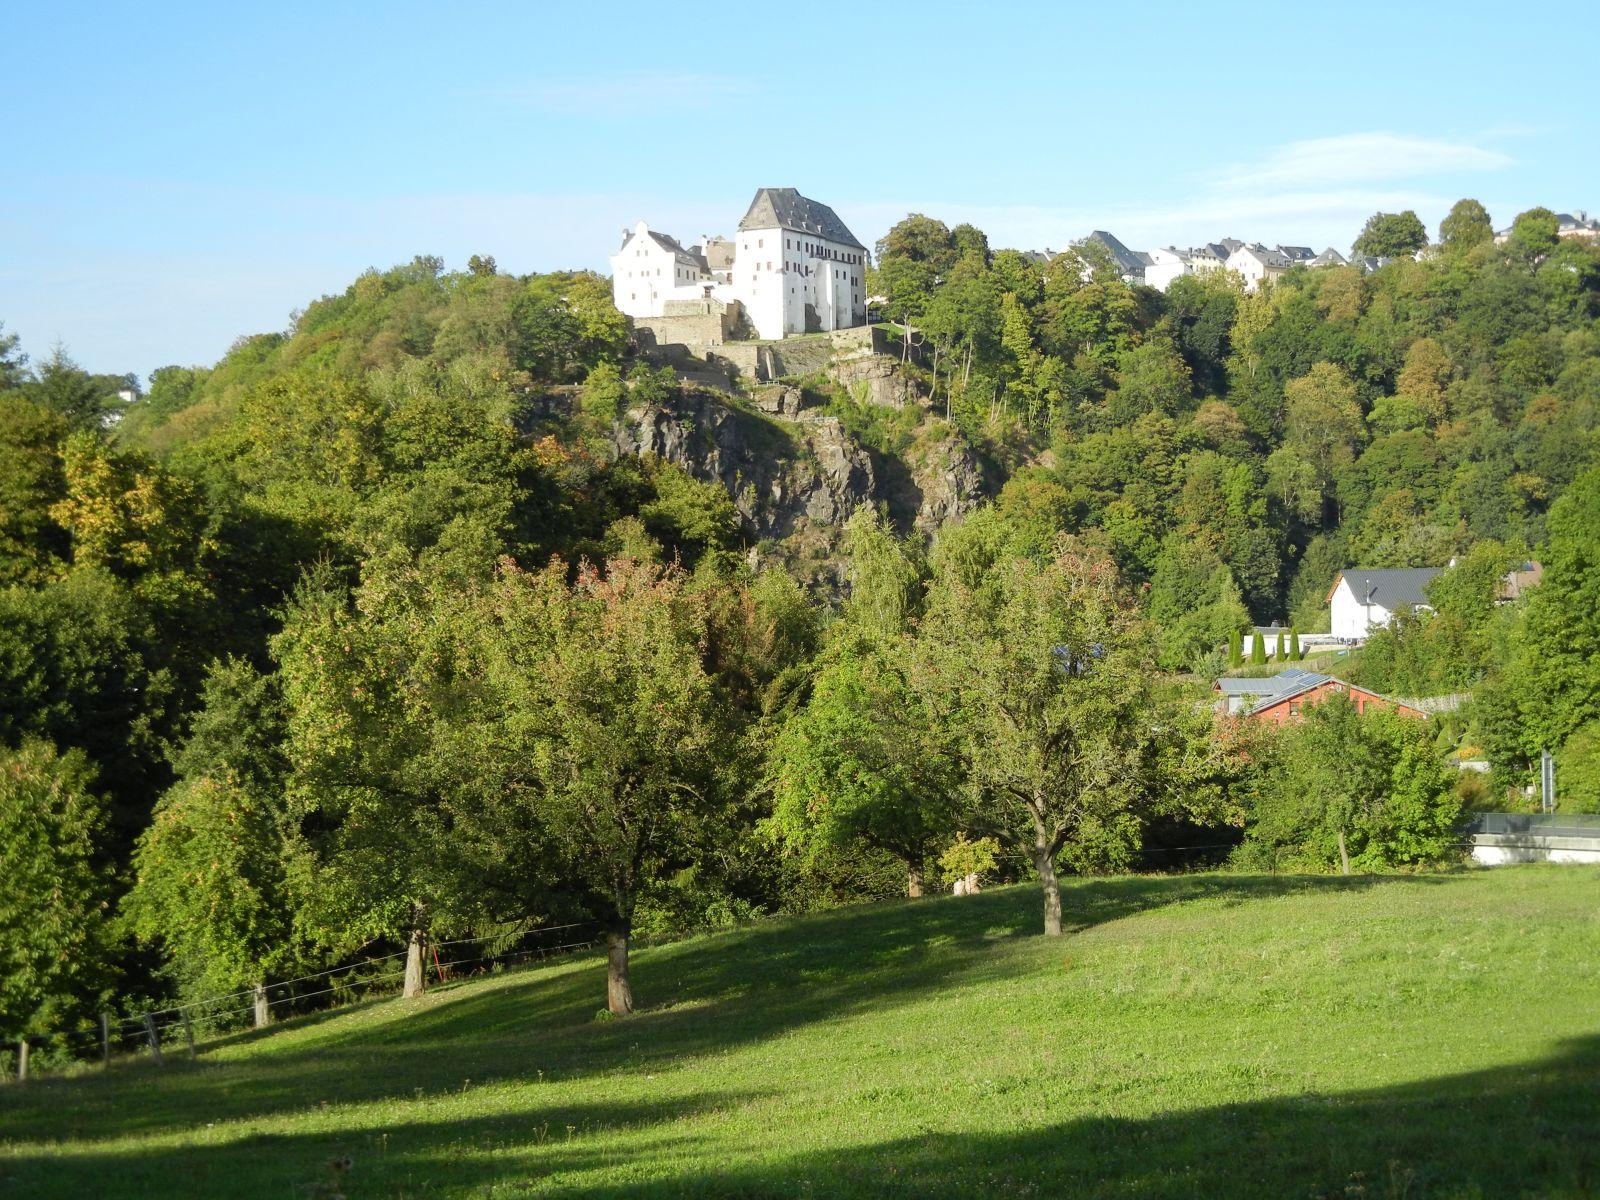 Blick zum Schloss Wolkenstein bei der Anfahrt